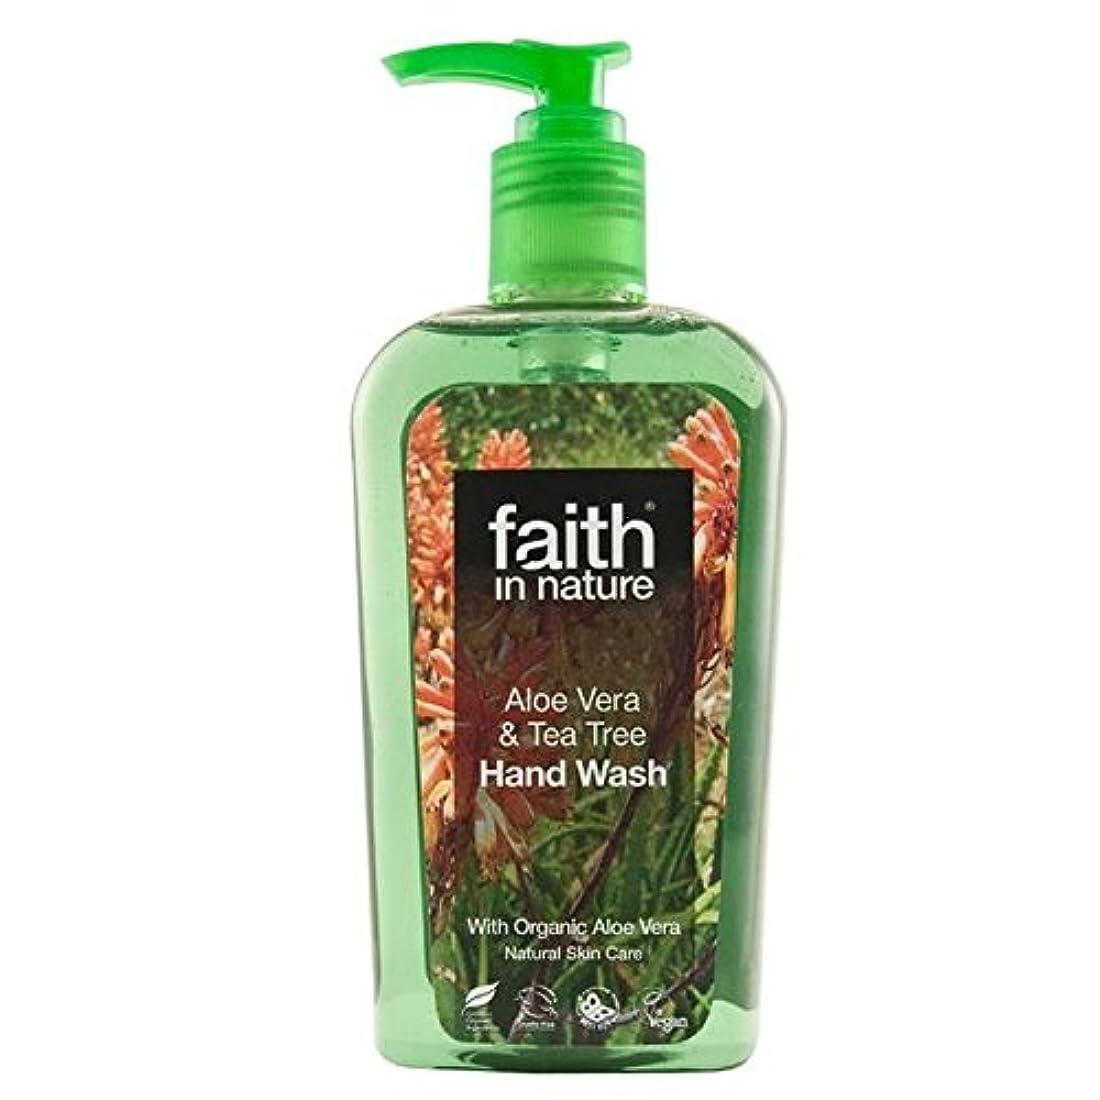 ラフトハンディキャップ契約するFaith in Nature Aloe Vera & Tea Tree Handwash 300ml (Pack of 2) - (Faith In Nature) 自然のアロエベラ&ティーツリー手洗いの300ミリリットル...